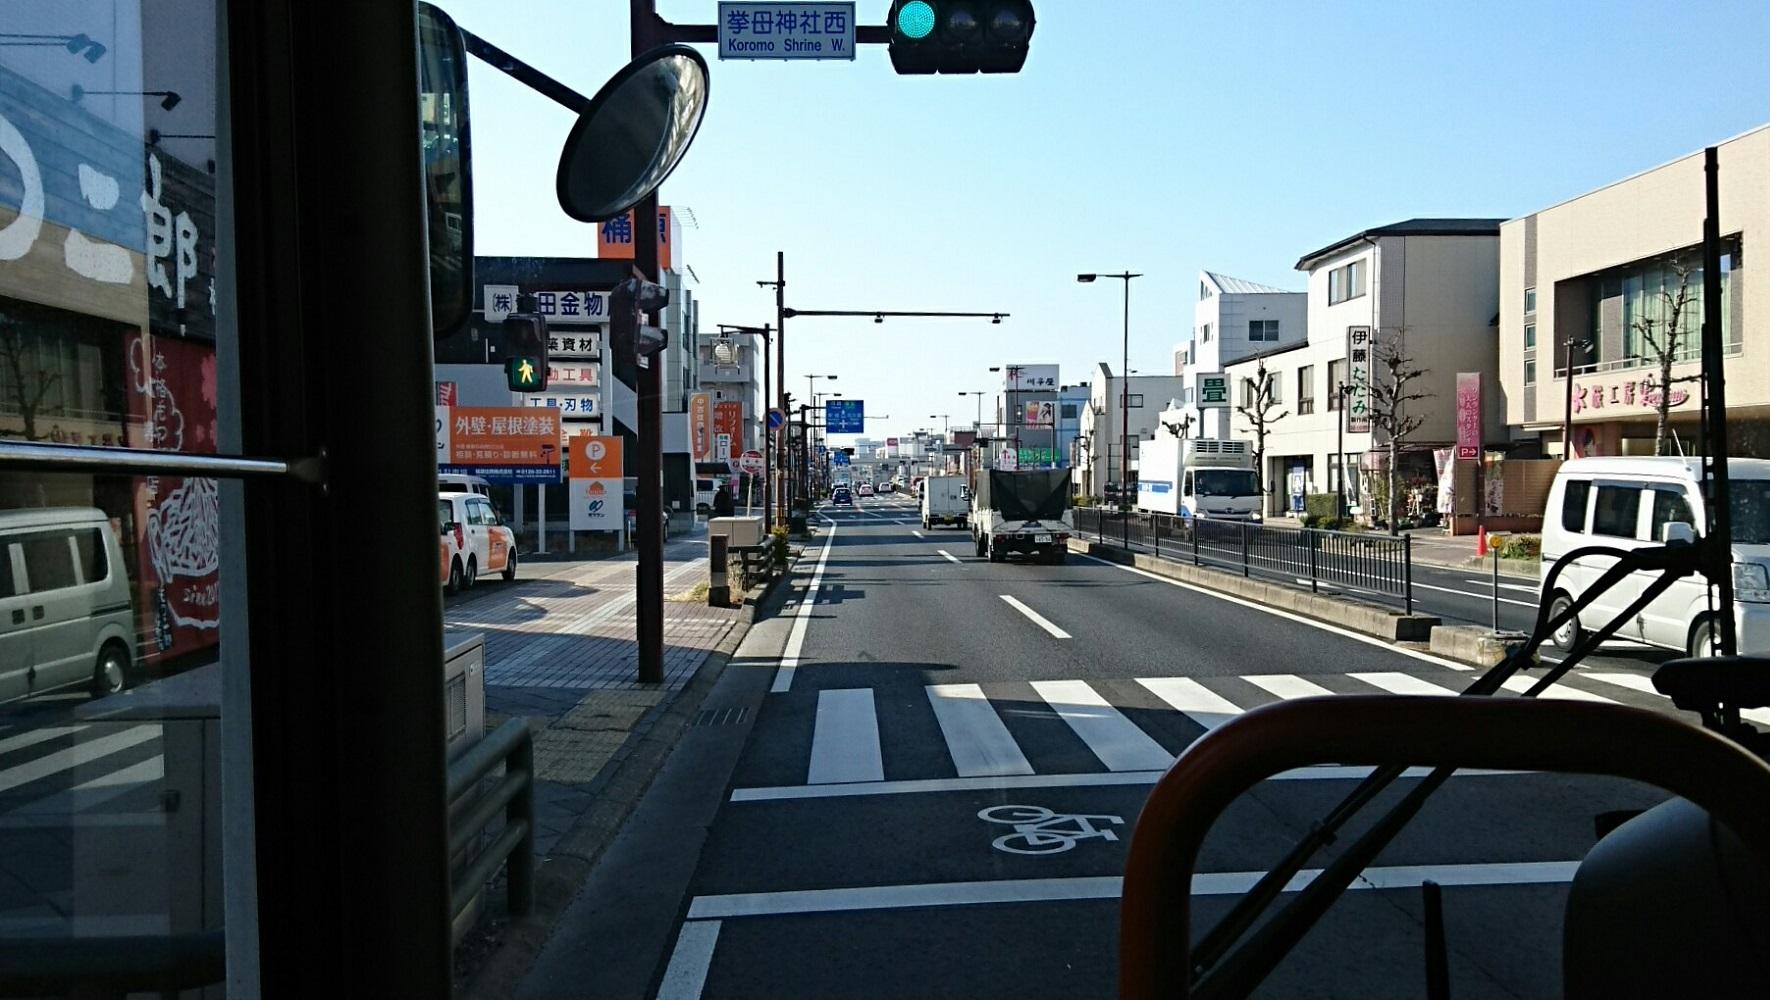 2018.2.27 (32) 中垣内いきバス - 桜町バス停 1770-1000